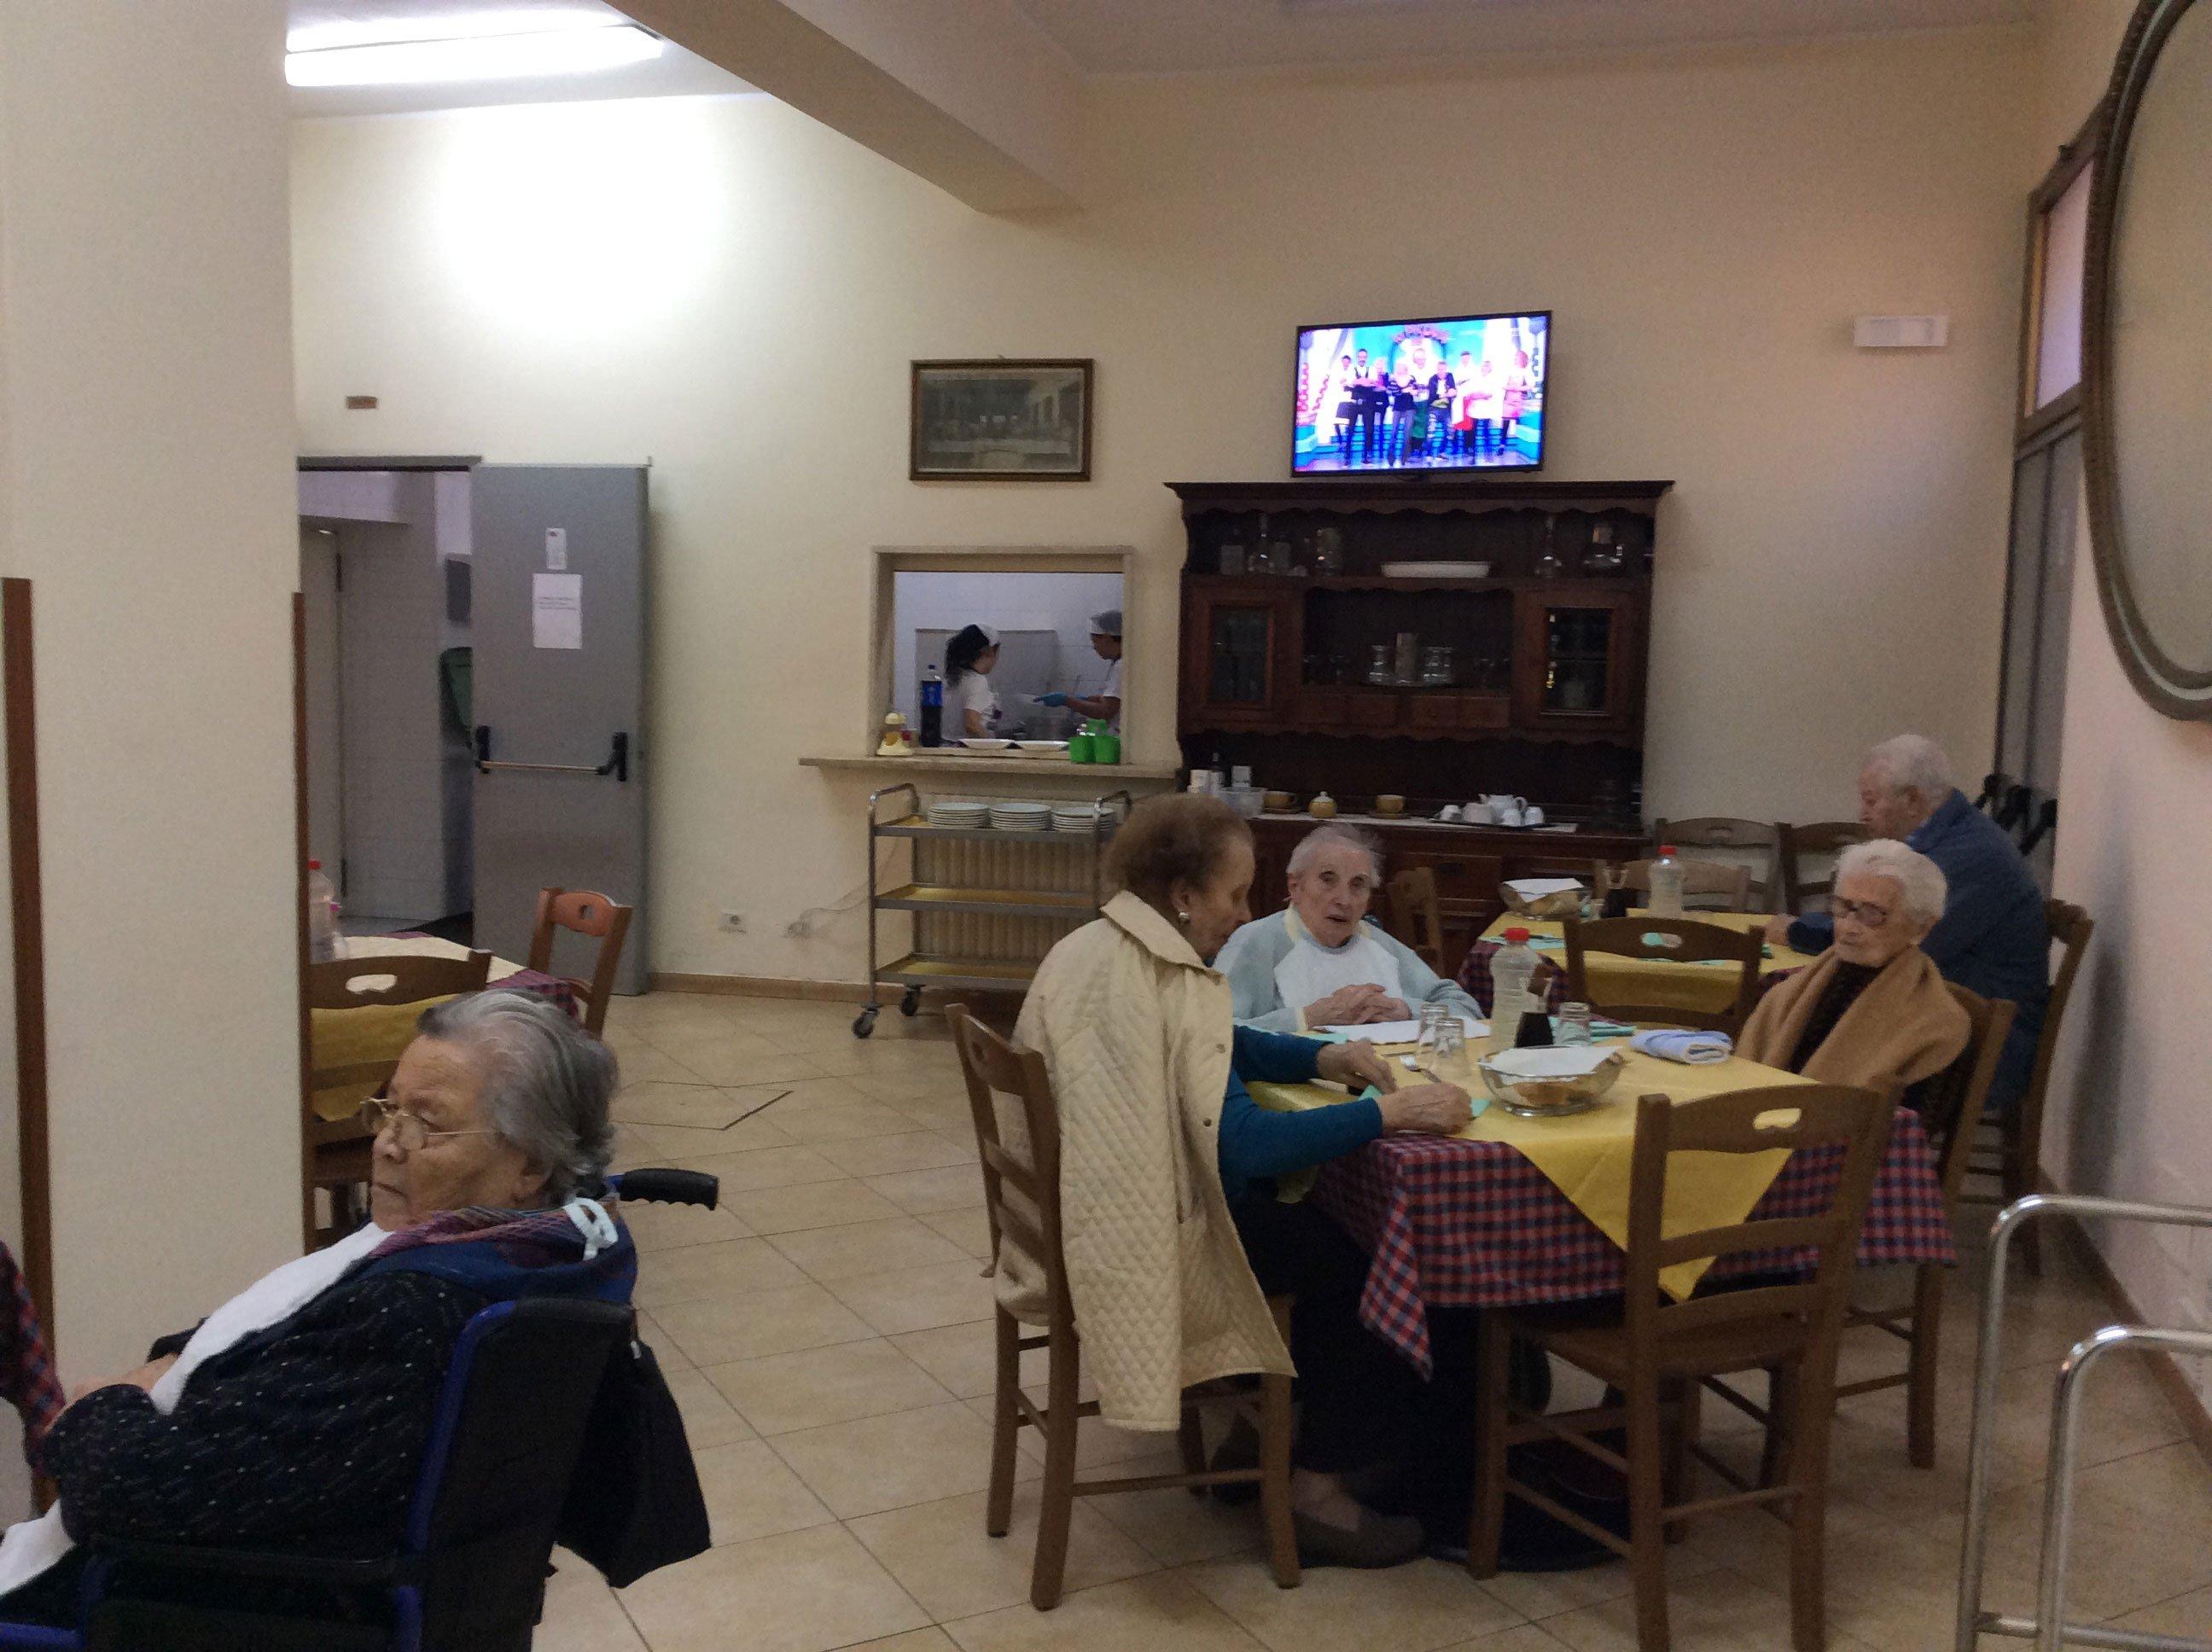 mensa all'interno della casa di riposo con persone sedute ai tavoli e in fondo un mobile in legno con sopra una tv